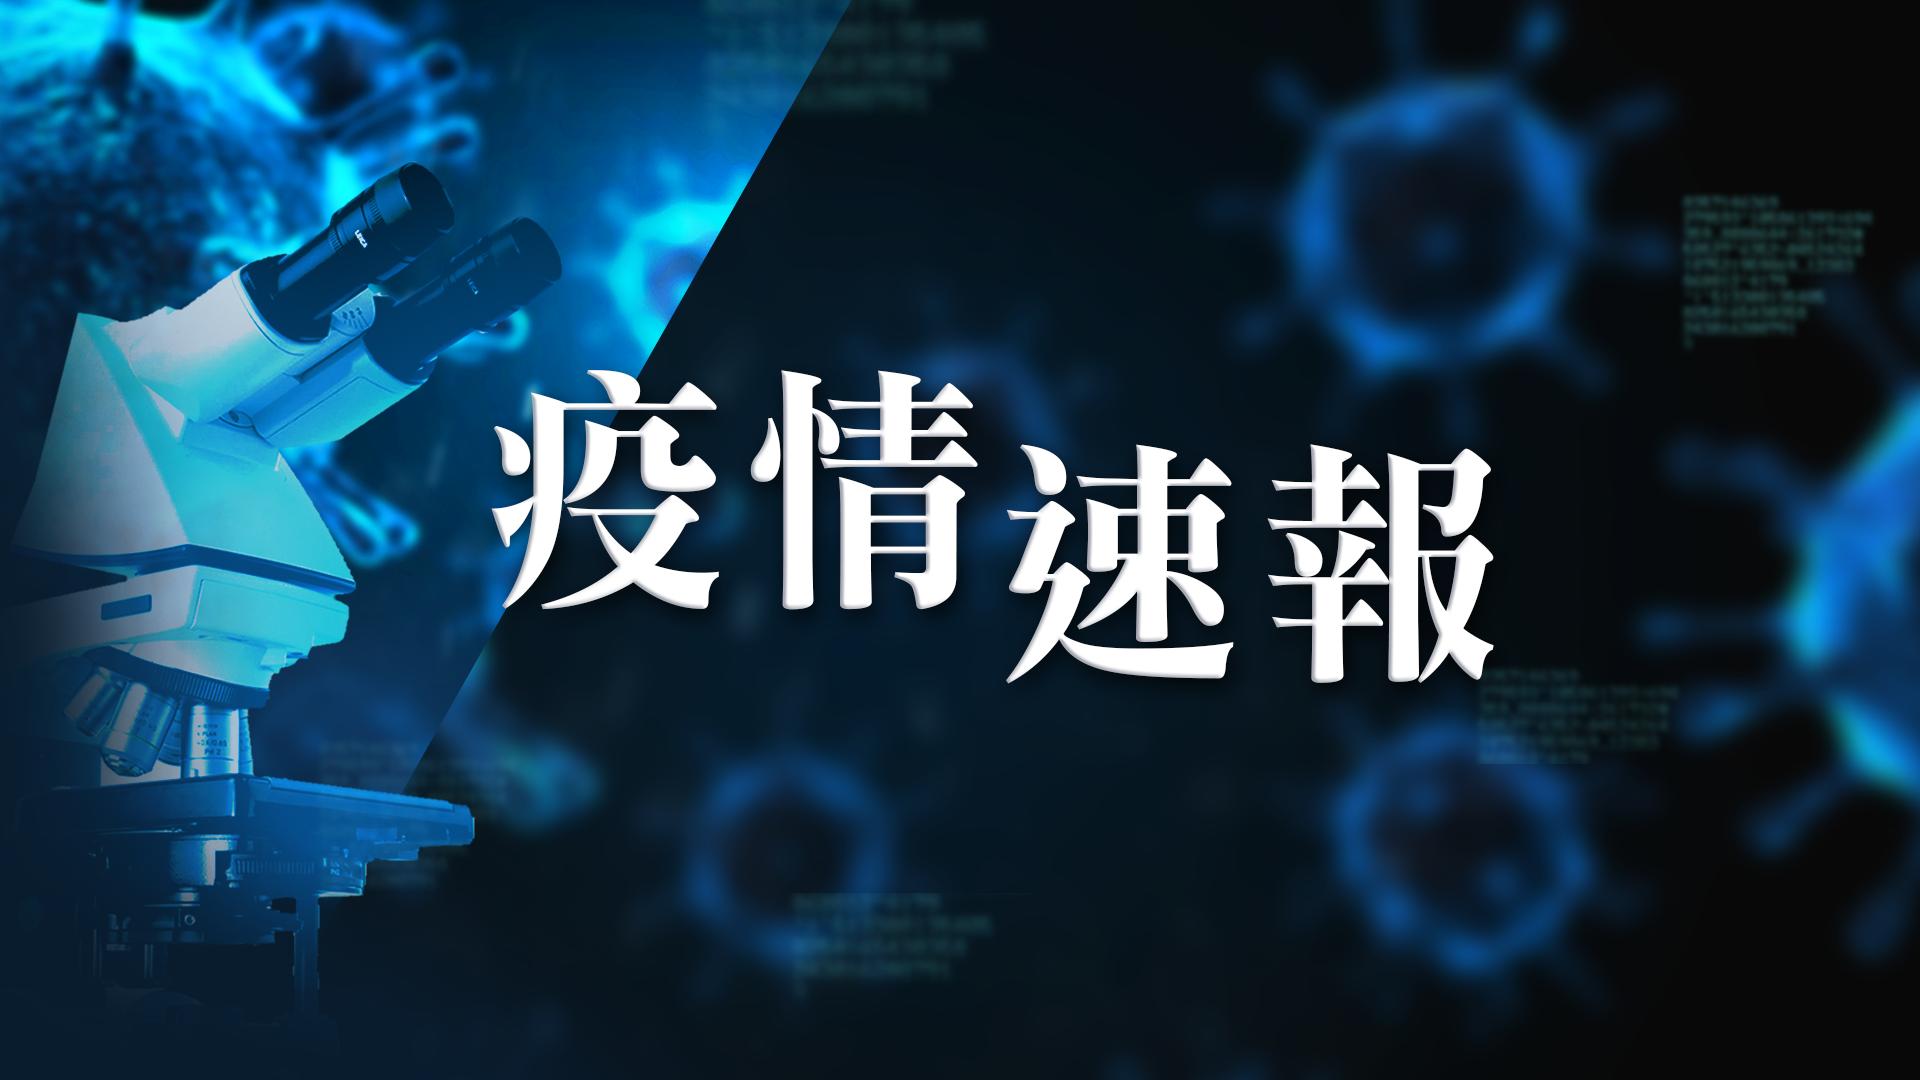 【1月30日疫情速報】(23:30)